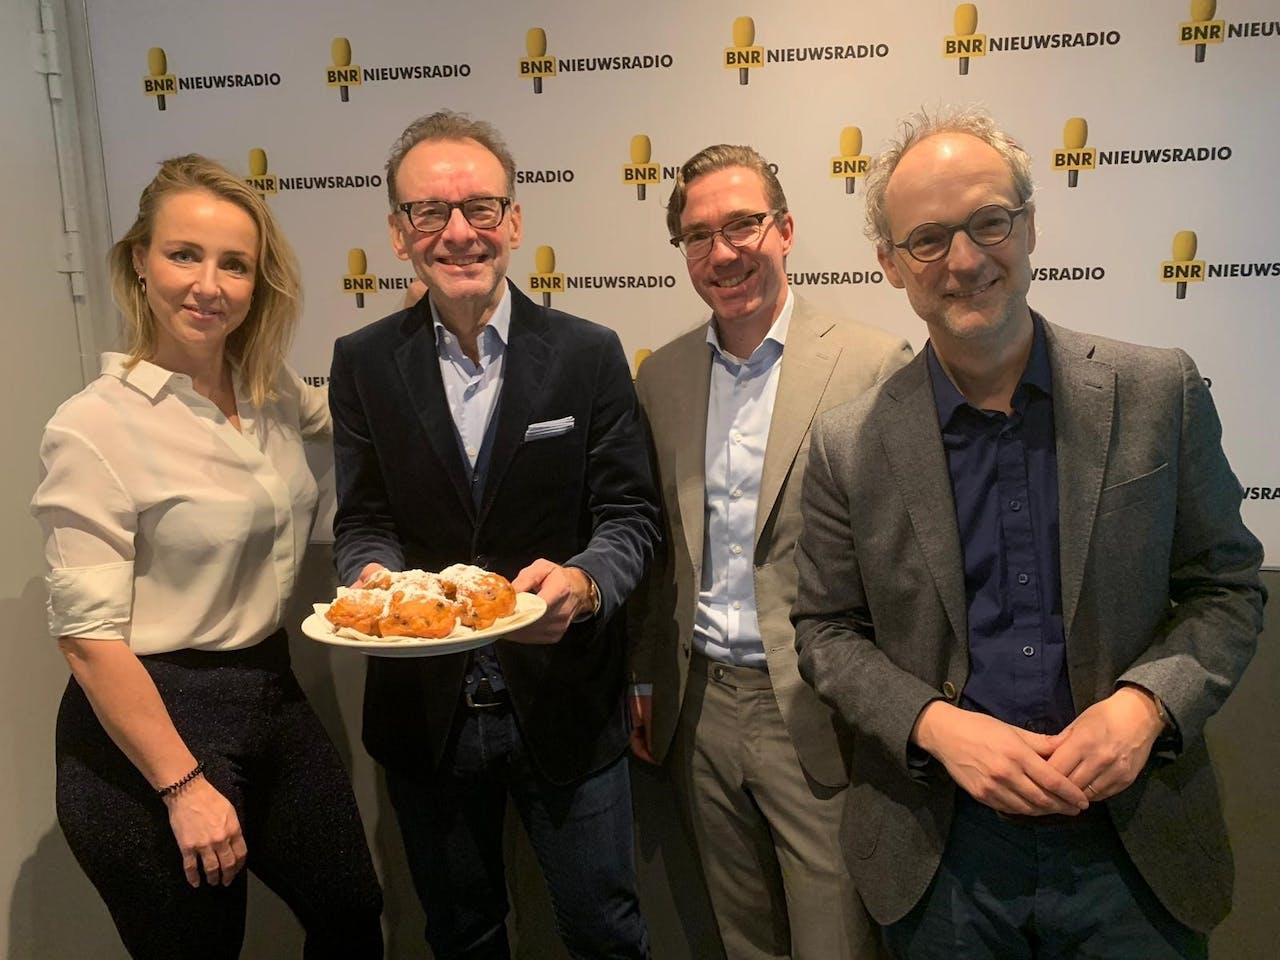 Marielle van Essen, Paul van Liempt, Armin Cuyvers en Christiaan Alberdingk Thijm